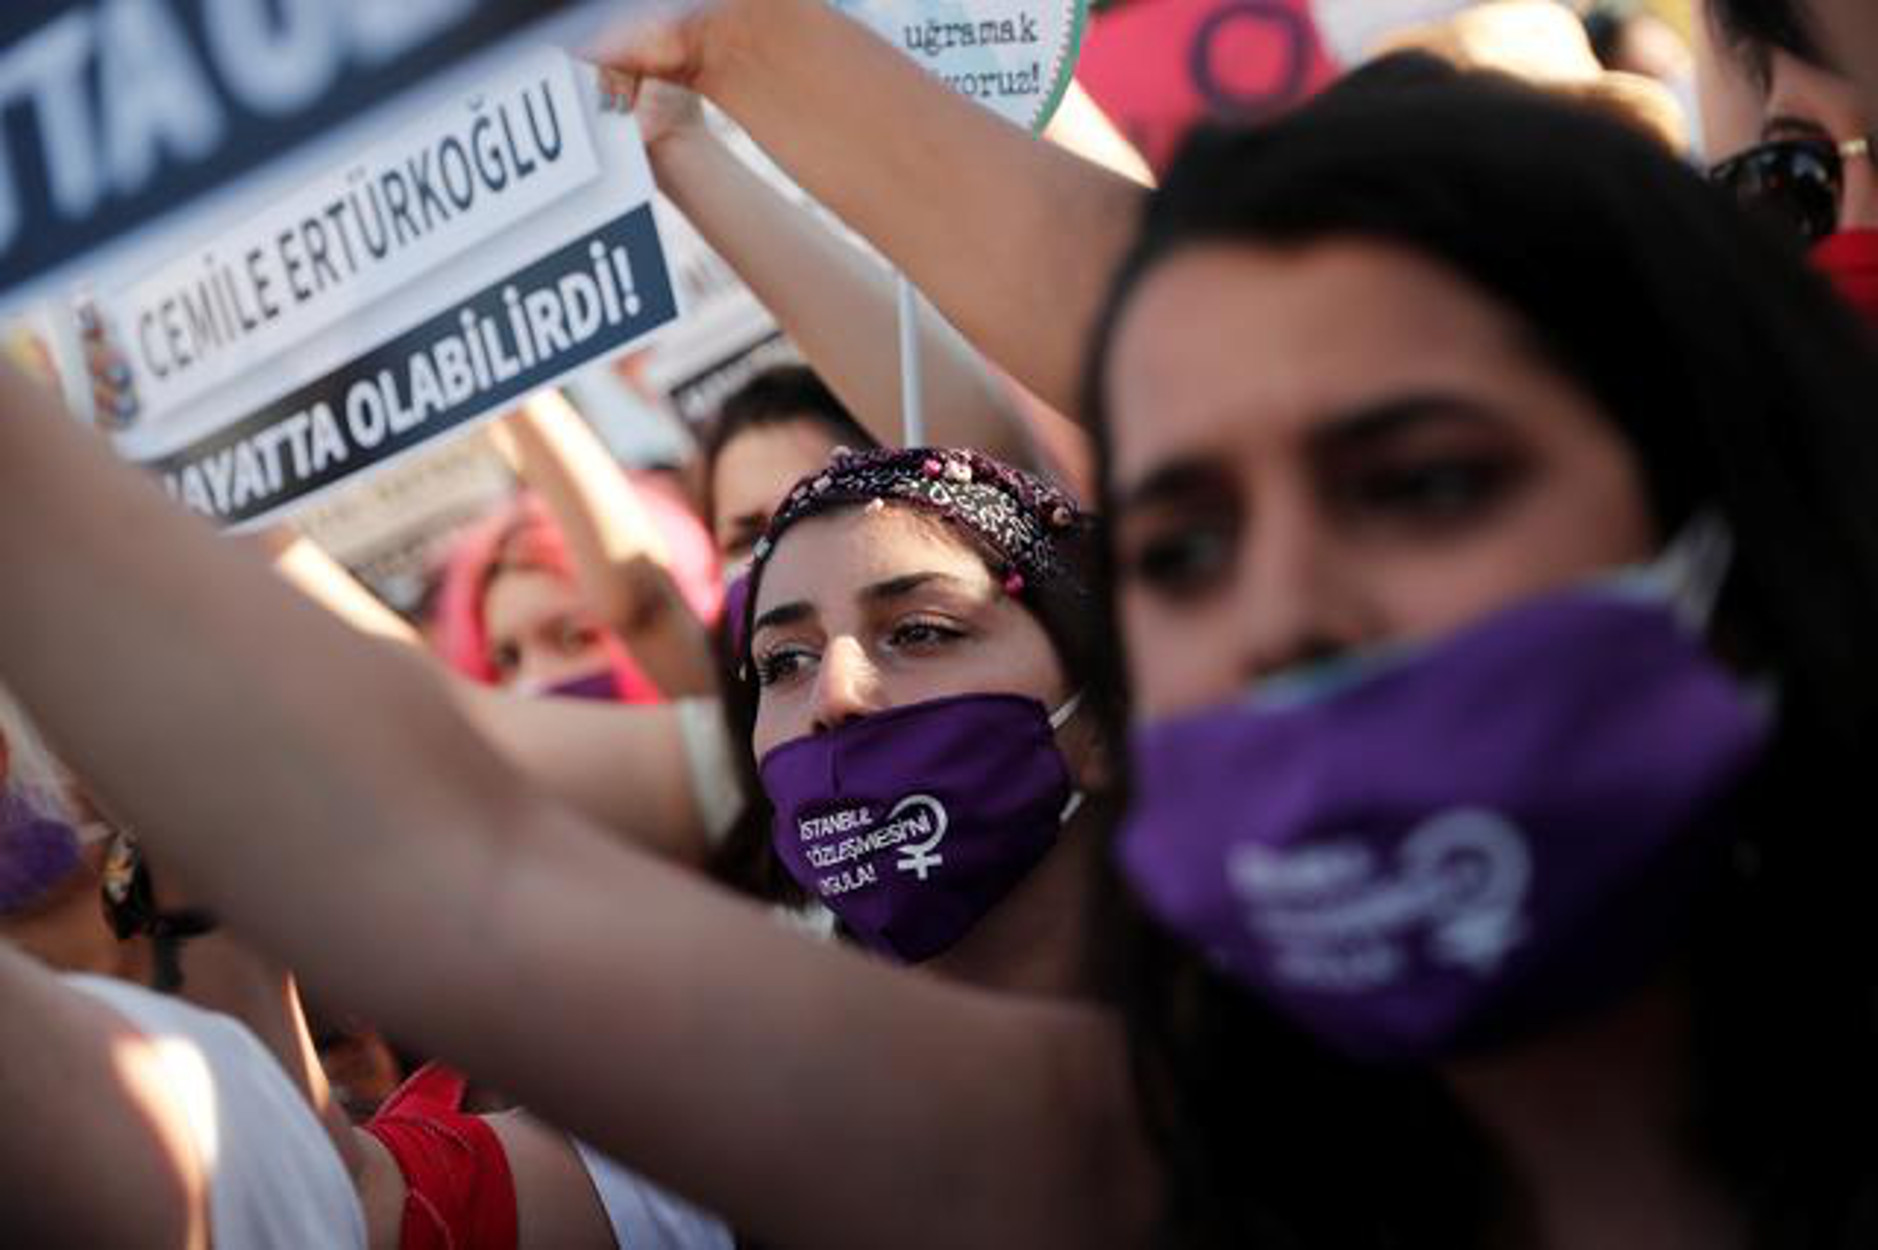 Η Τουρκία αποχώρησε και επίσημα από τη σύμβαση της Κωνσταντινούπολης